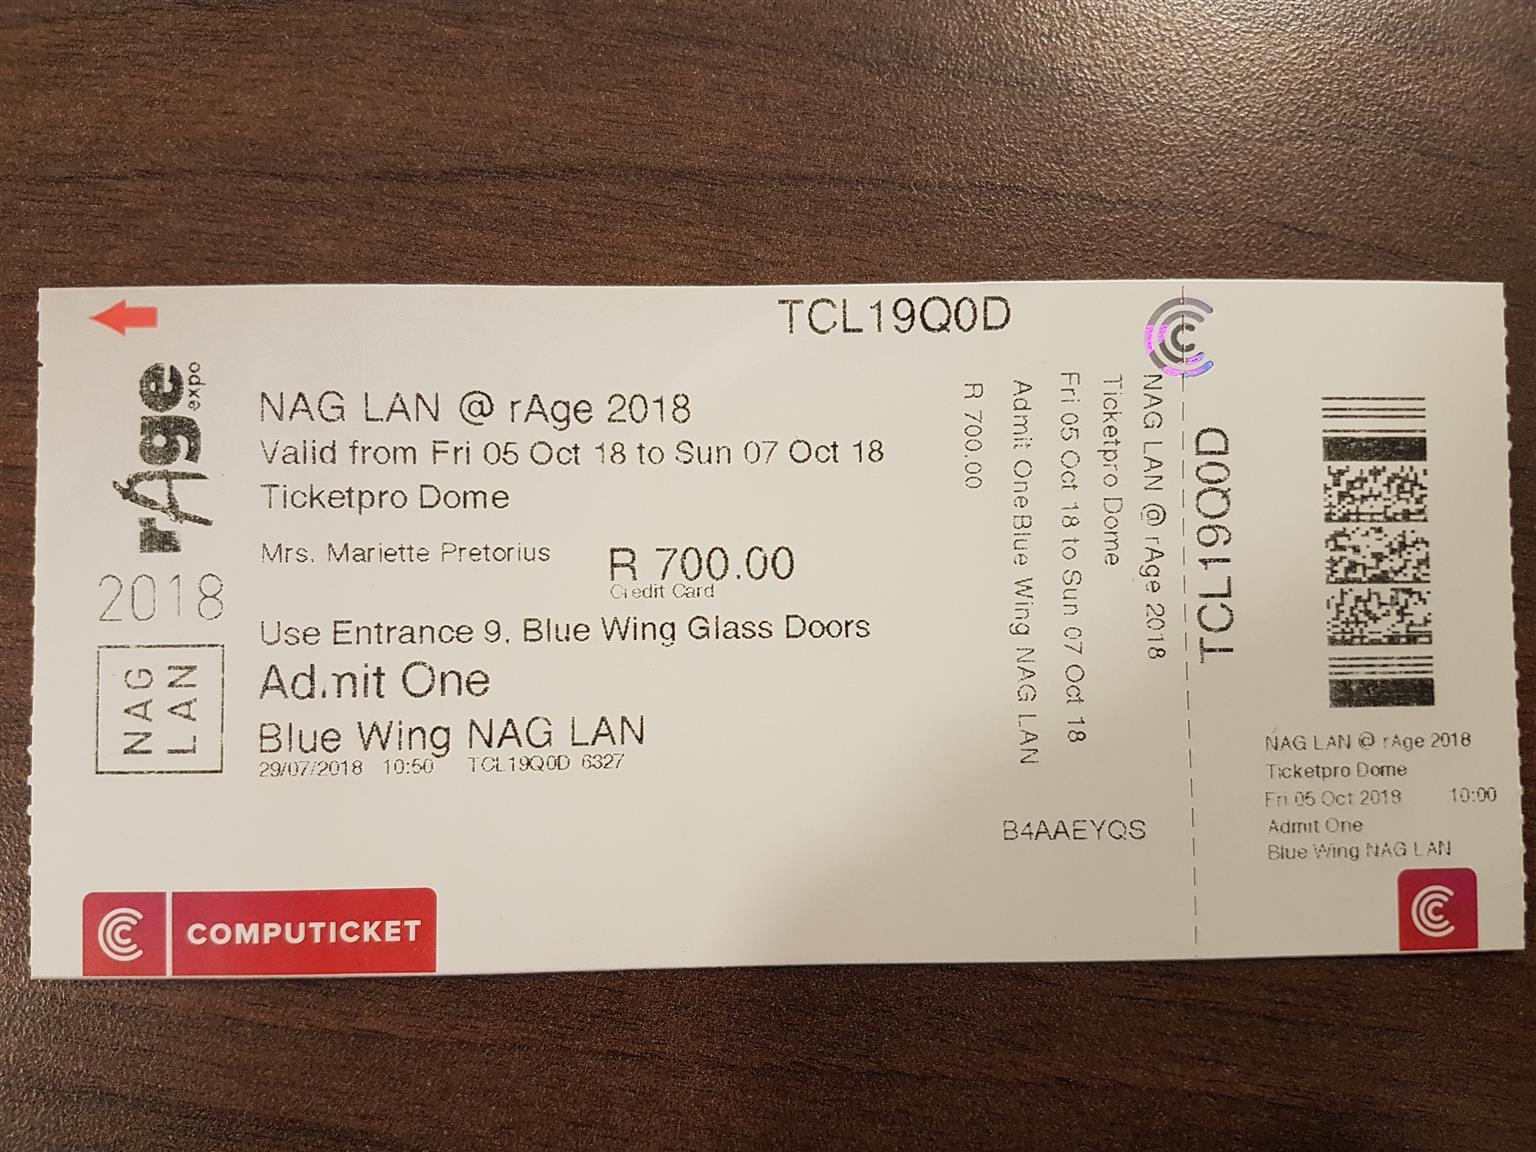 NAG LAN @ rAge ticket for sale  (R700)